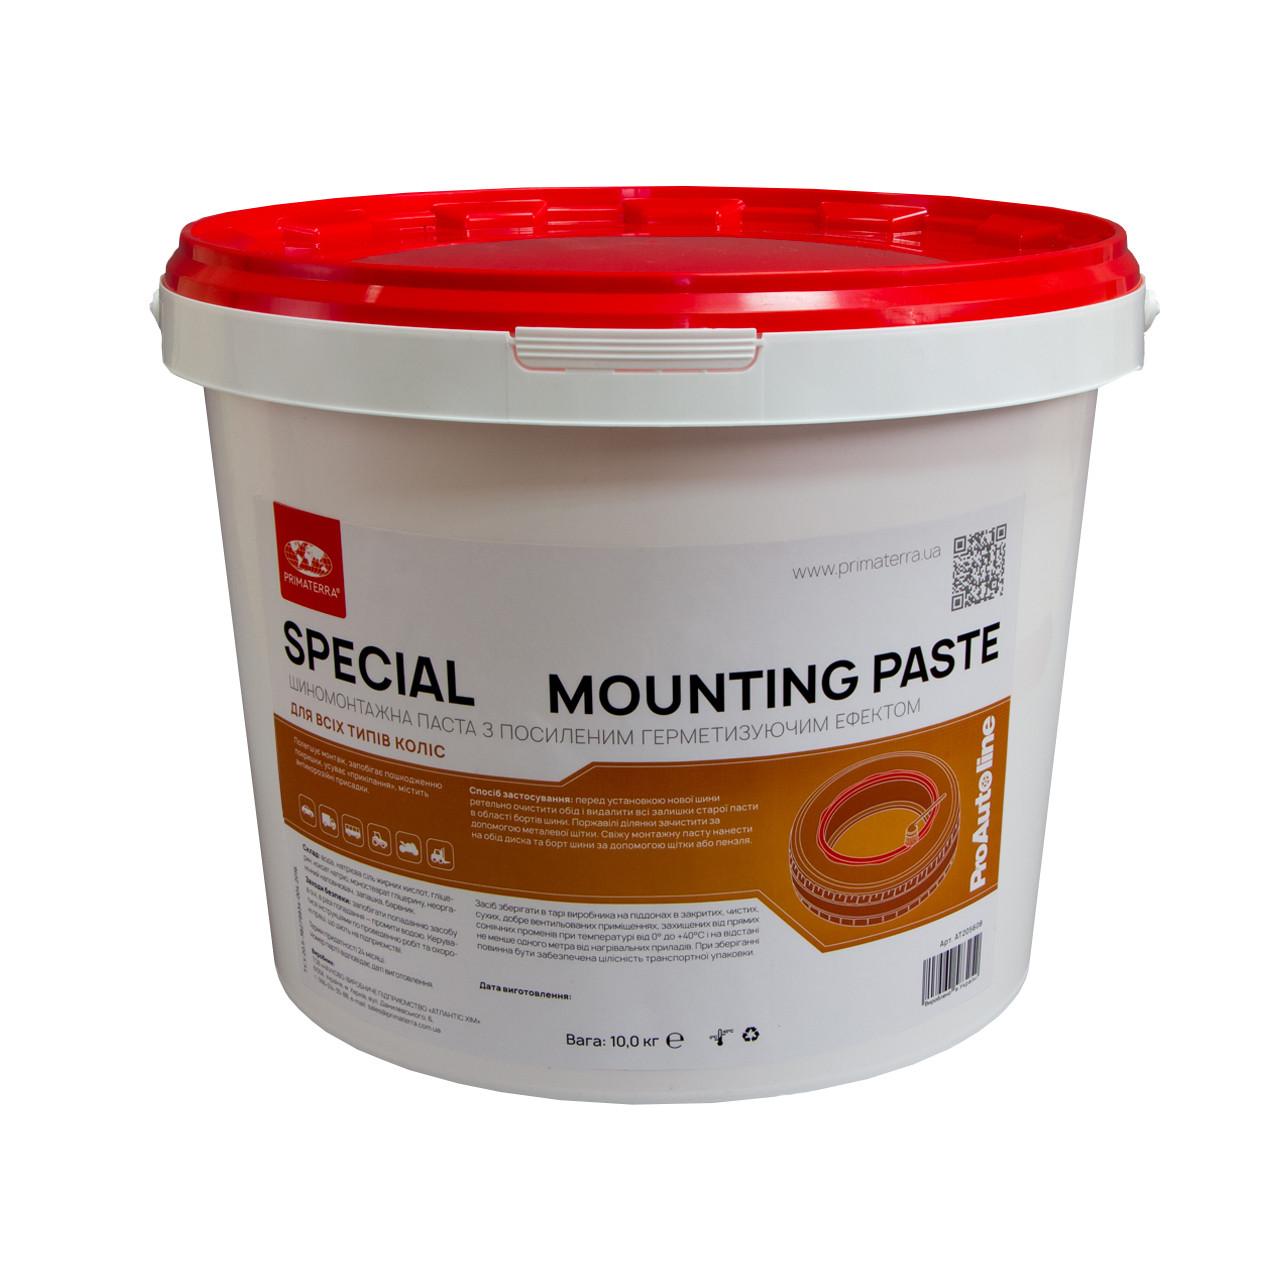 Шиномонтажная паста SPECIAL (КРАСНАЯ, с усиленным герметизирующим эффектом, плотная), 10кг